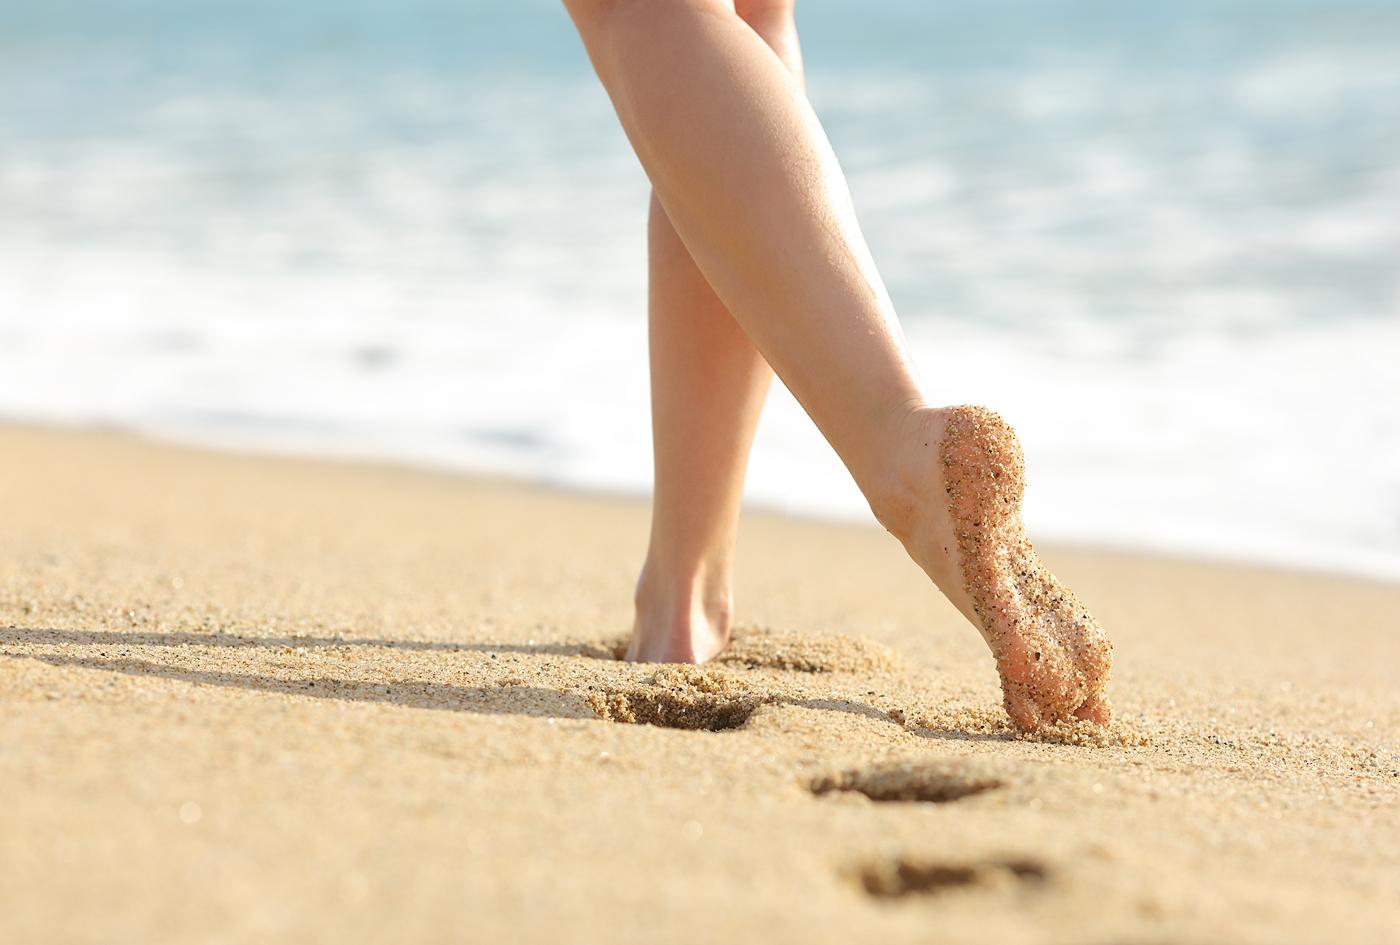 砂浜を歩く女性の脚